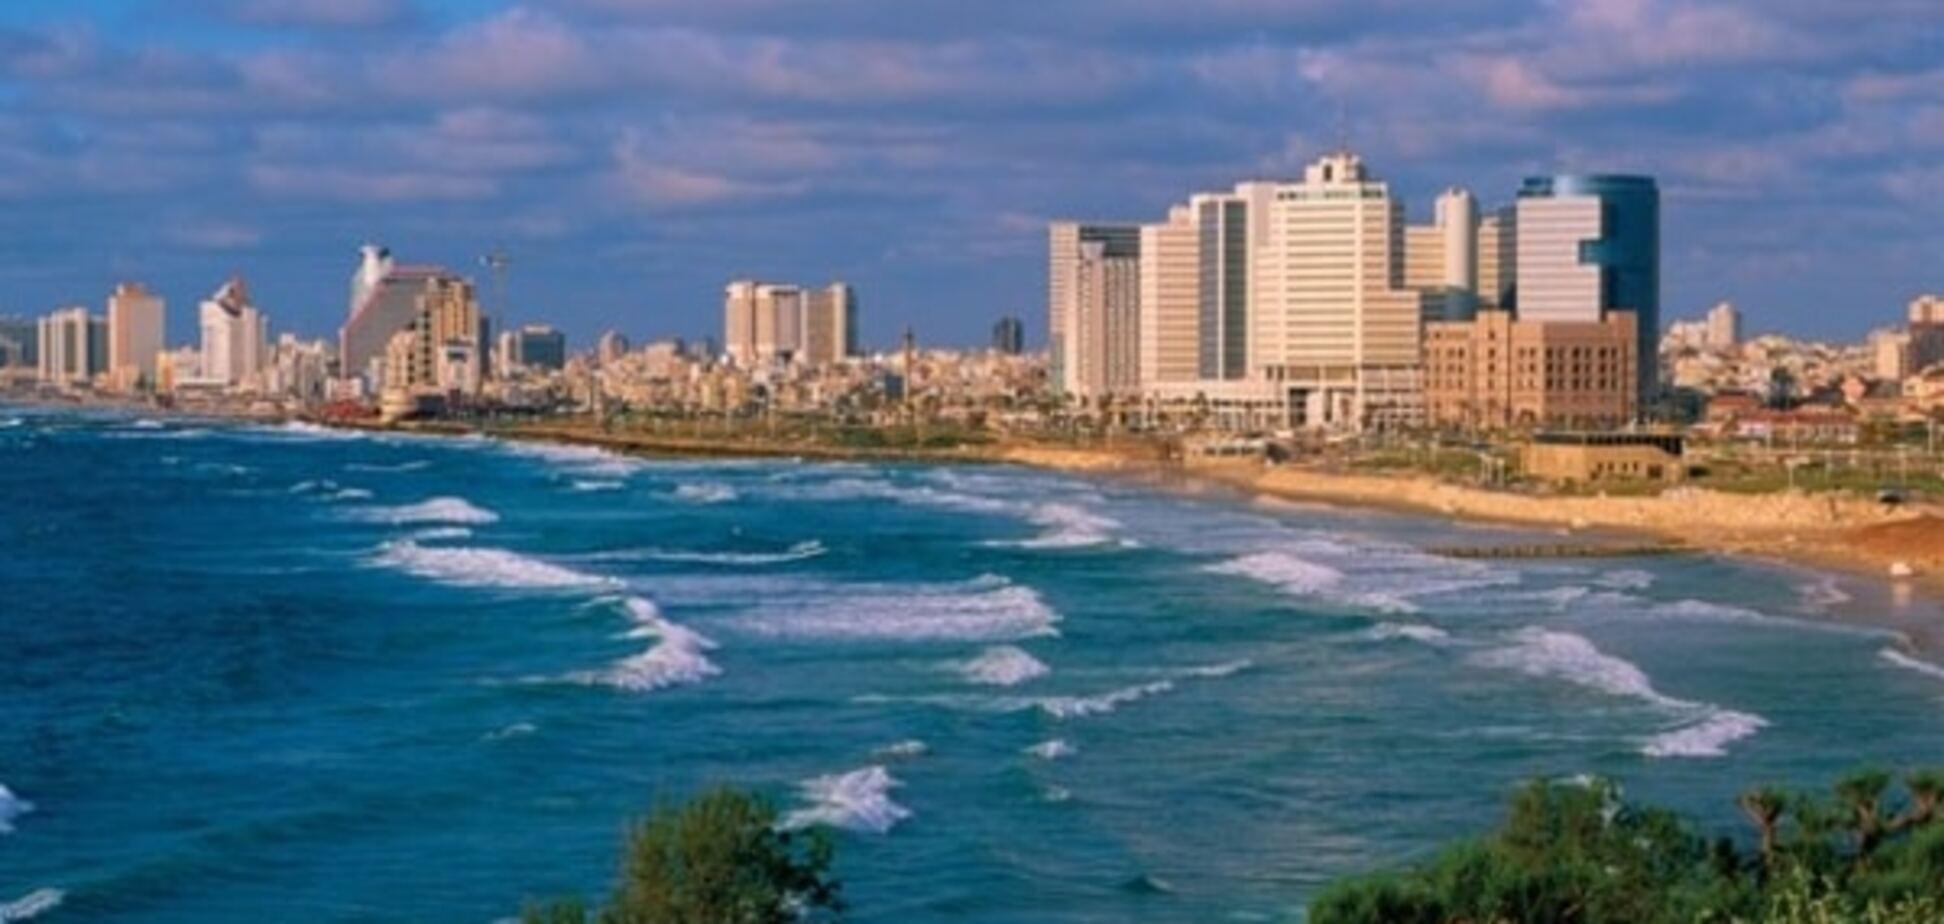 Как в Израиле сдают квартиру - это полный пипец